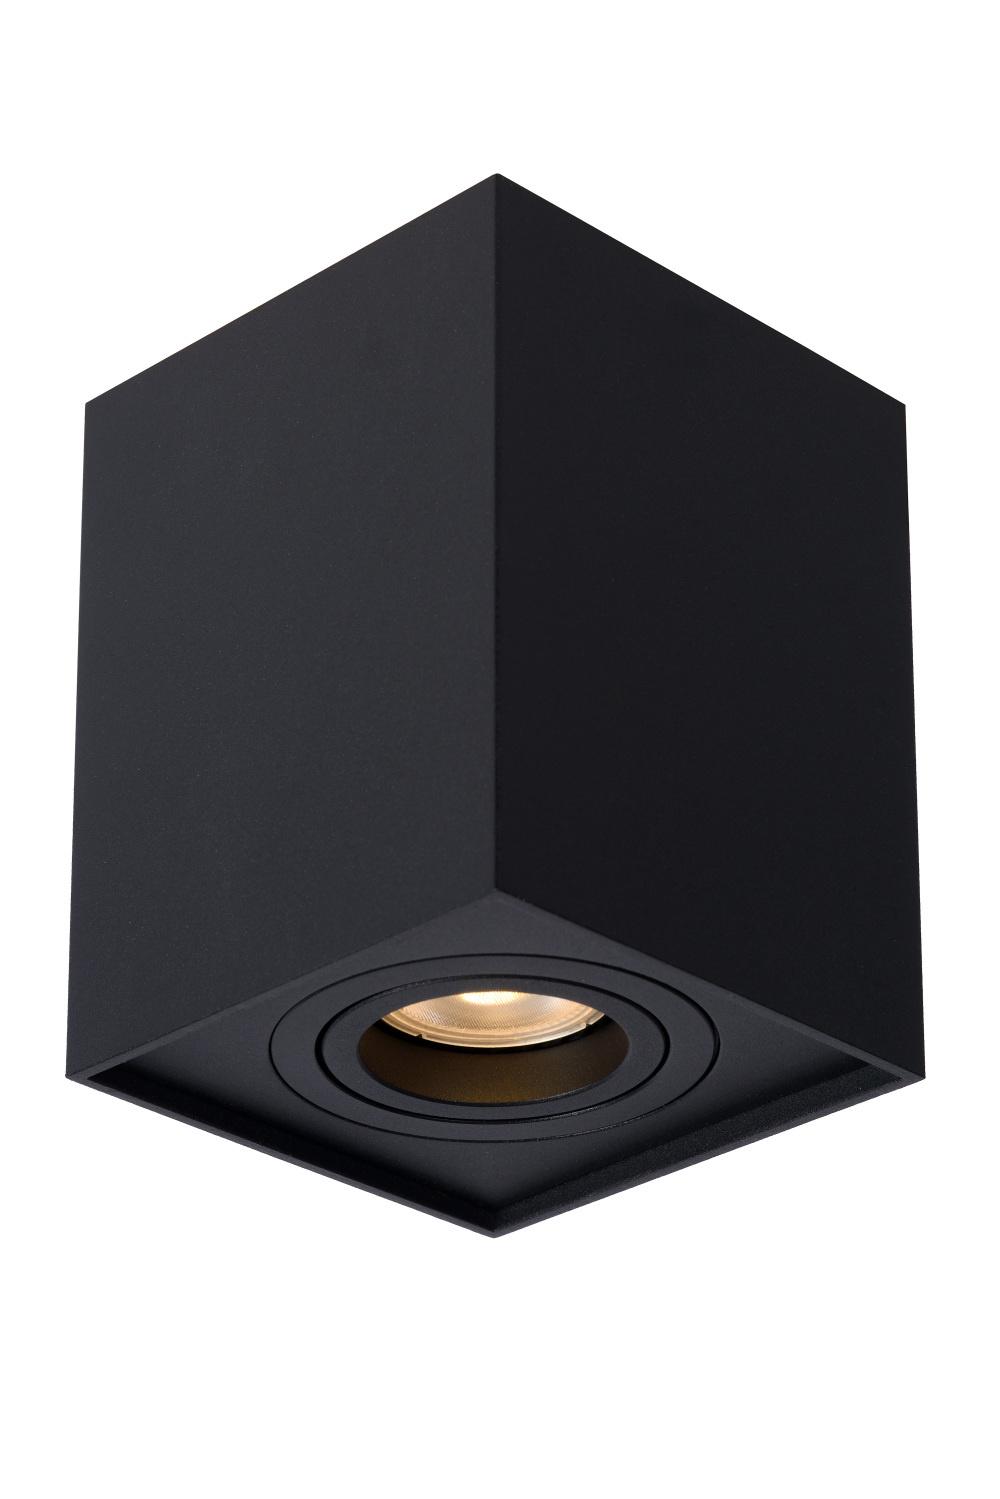 Lucide TUBE Spot GU10 Opbouw Vierk 9.6/9.6/12.5cm Zwart